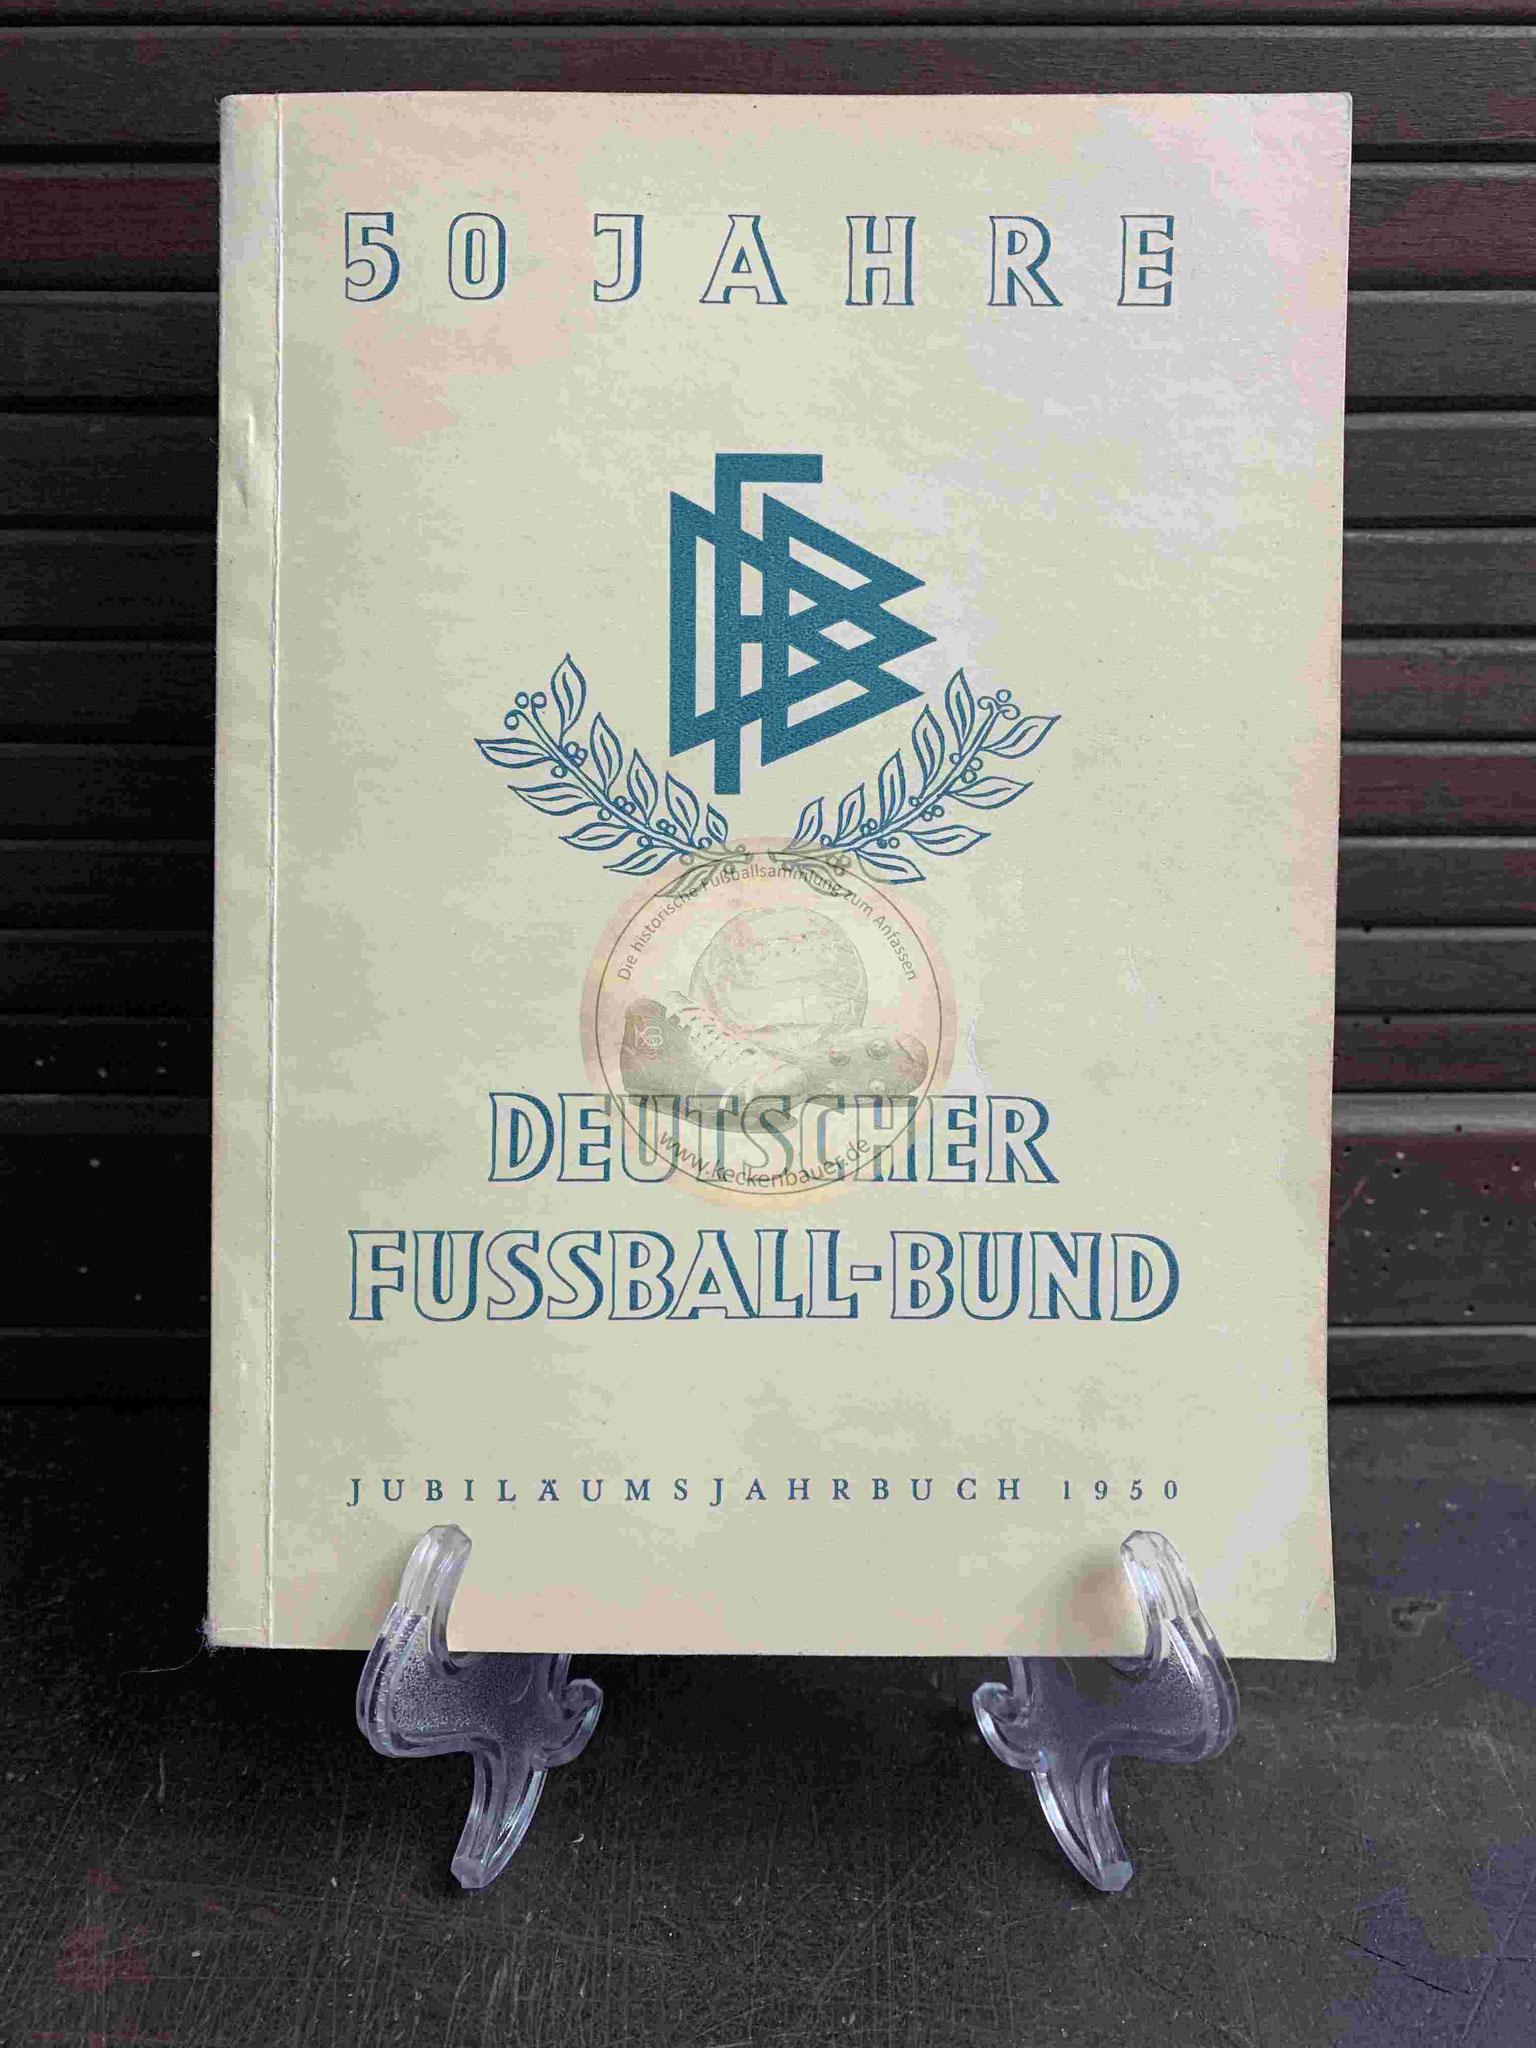 Jubiläumsjahrbuch des DFB aus dem Jahr 1950